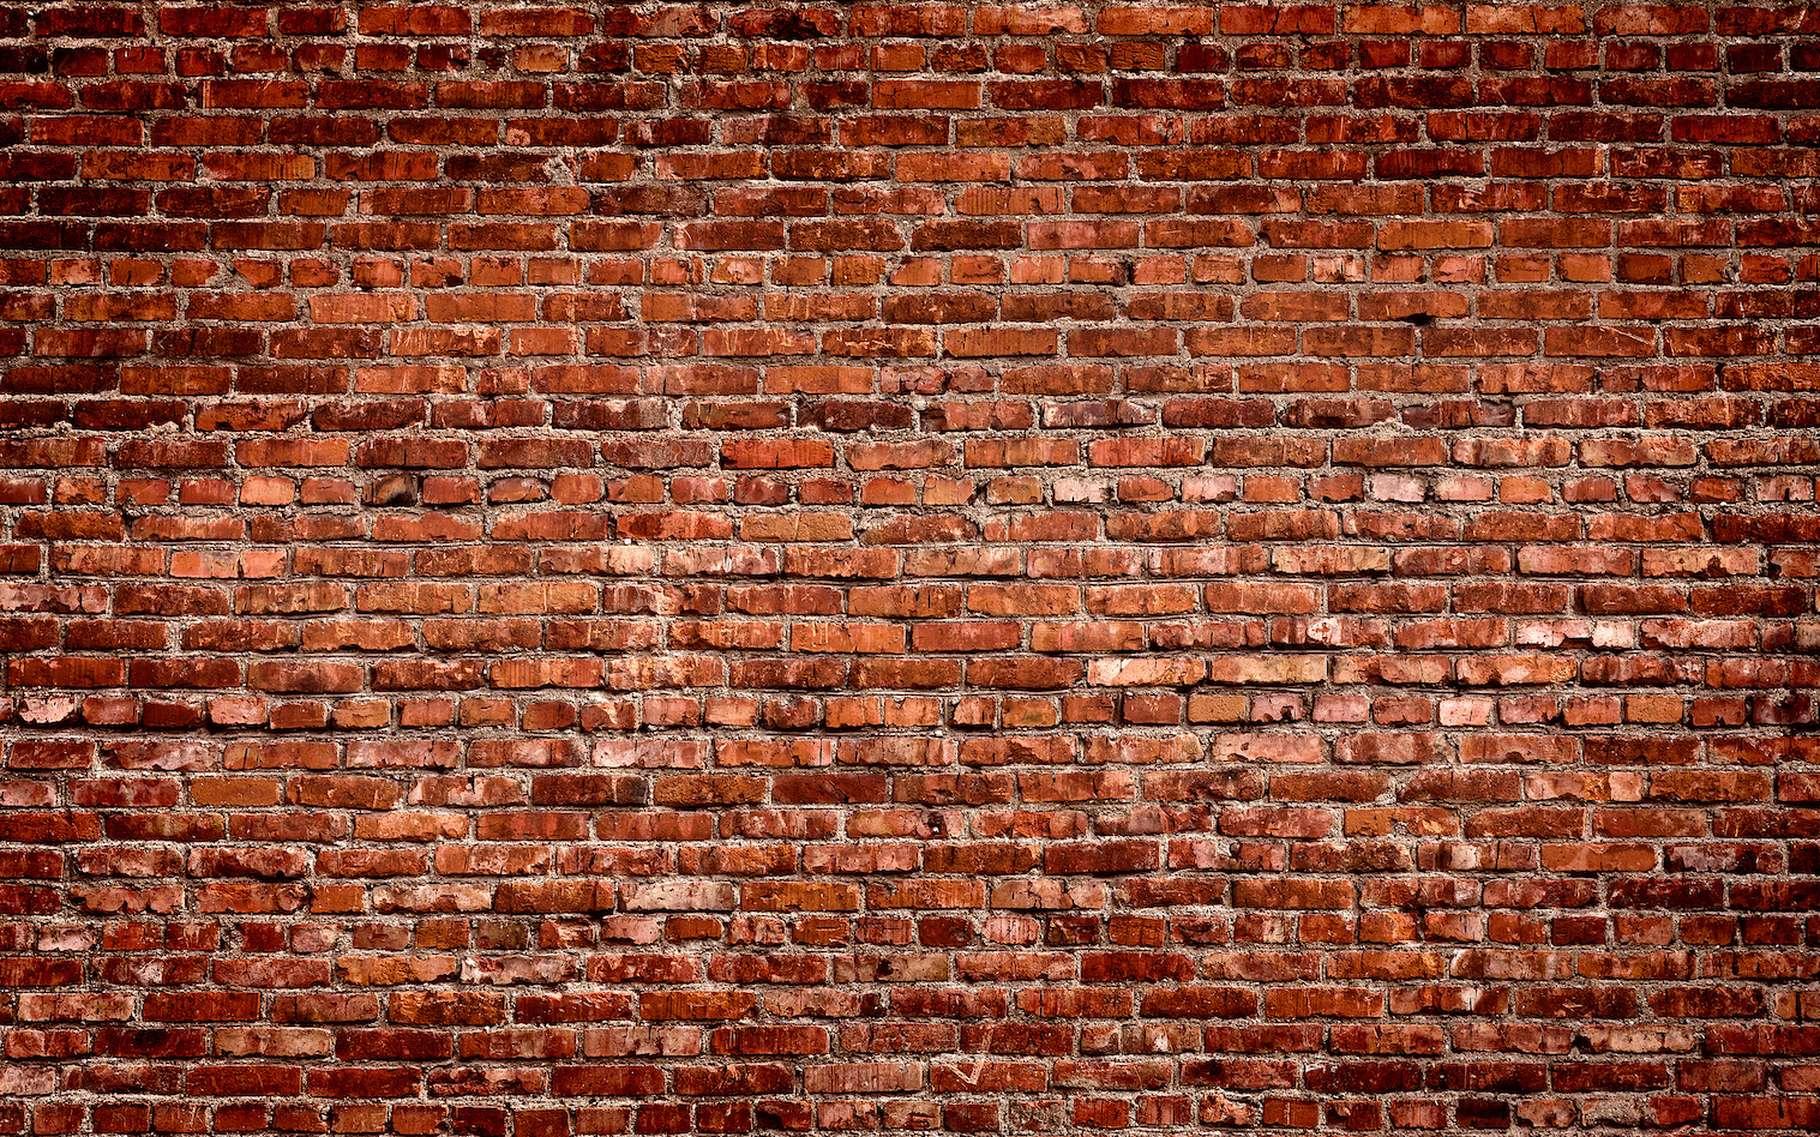 Des chercheurs de l'université de Washington à Saint-Louis (États-Unis) ont mis au point une méthode pour stocker de l'énergie dans les briques qui constituent nos maisons. © interpas, Adobe Stock